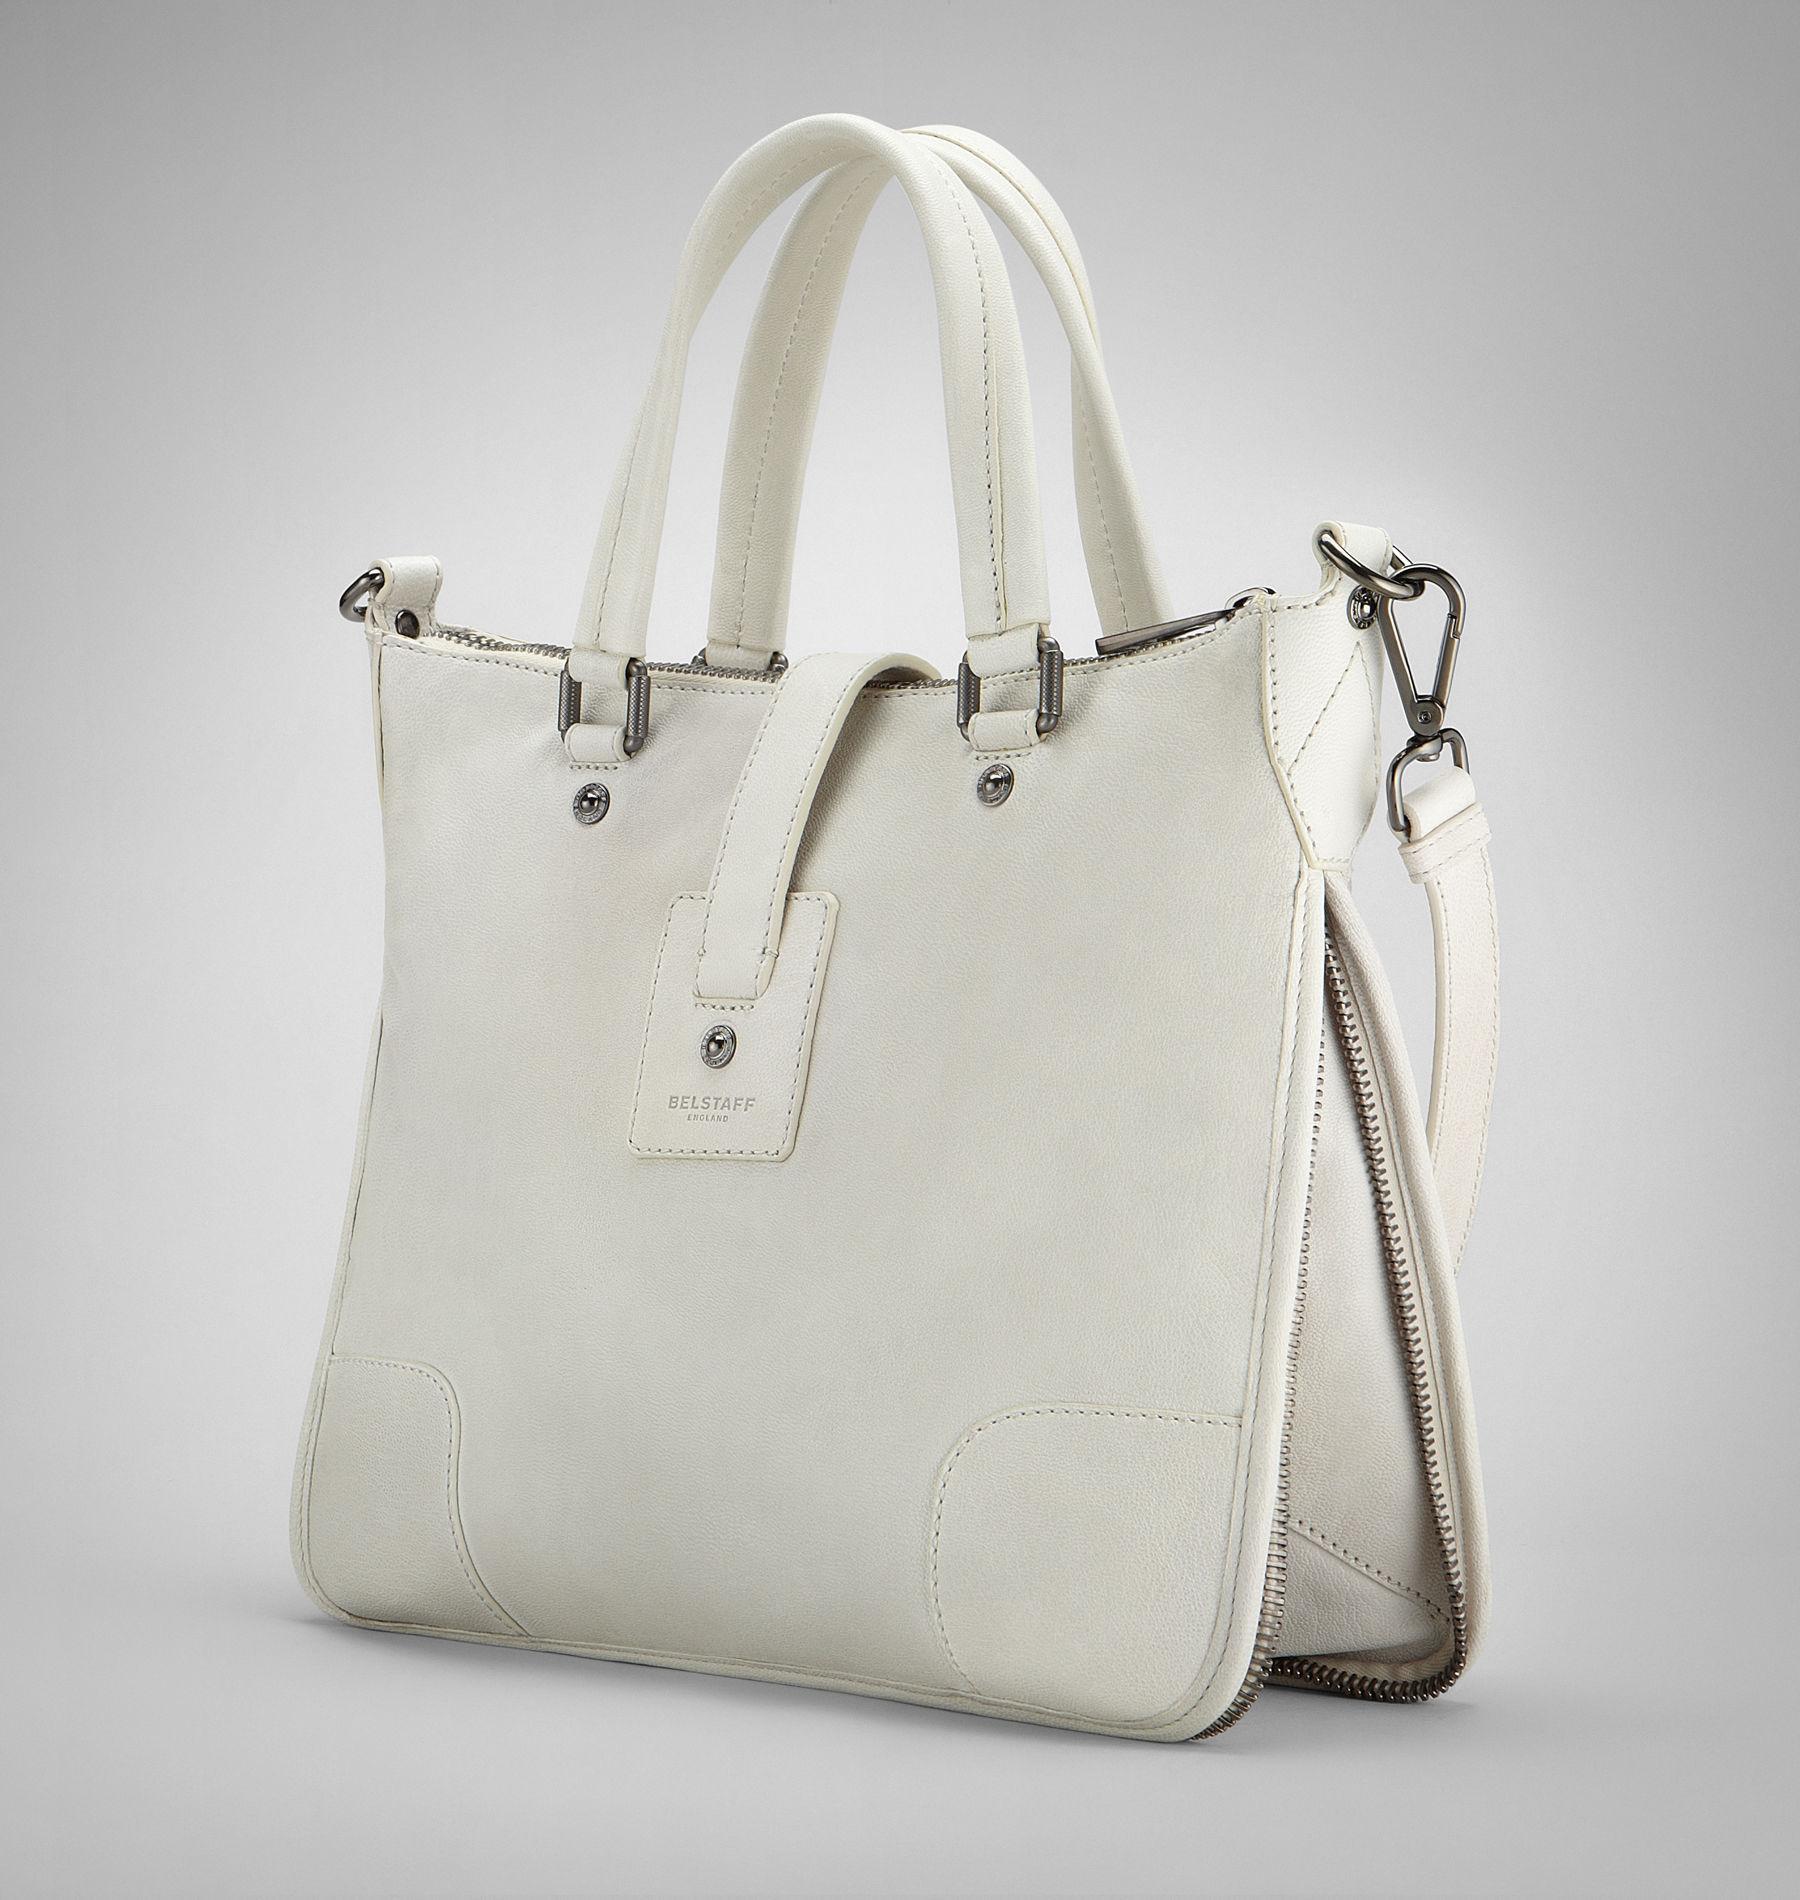 8eed6c8cac6 Belstaff Hampton Bag in Natural - Lyst